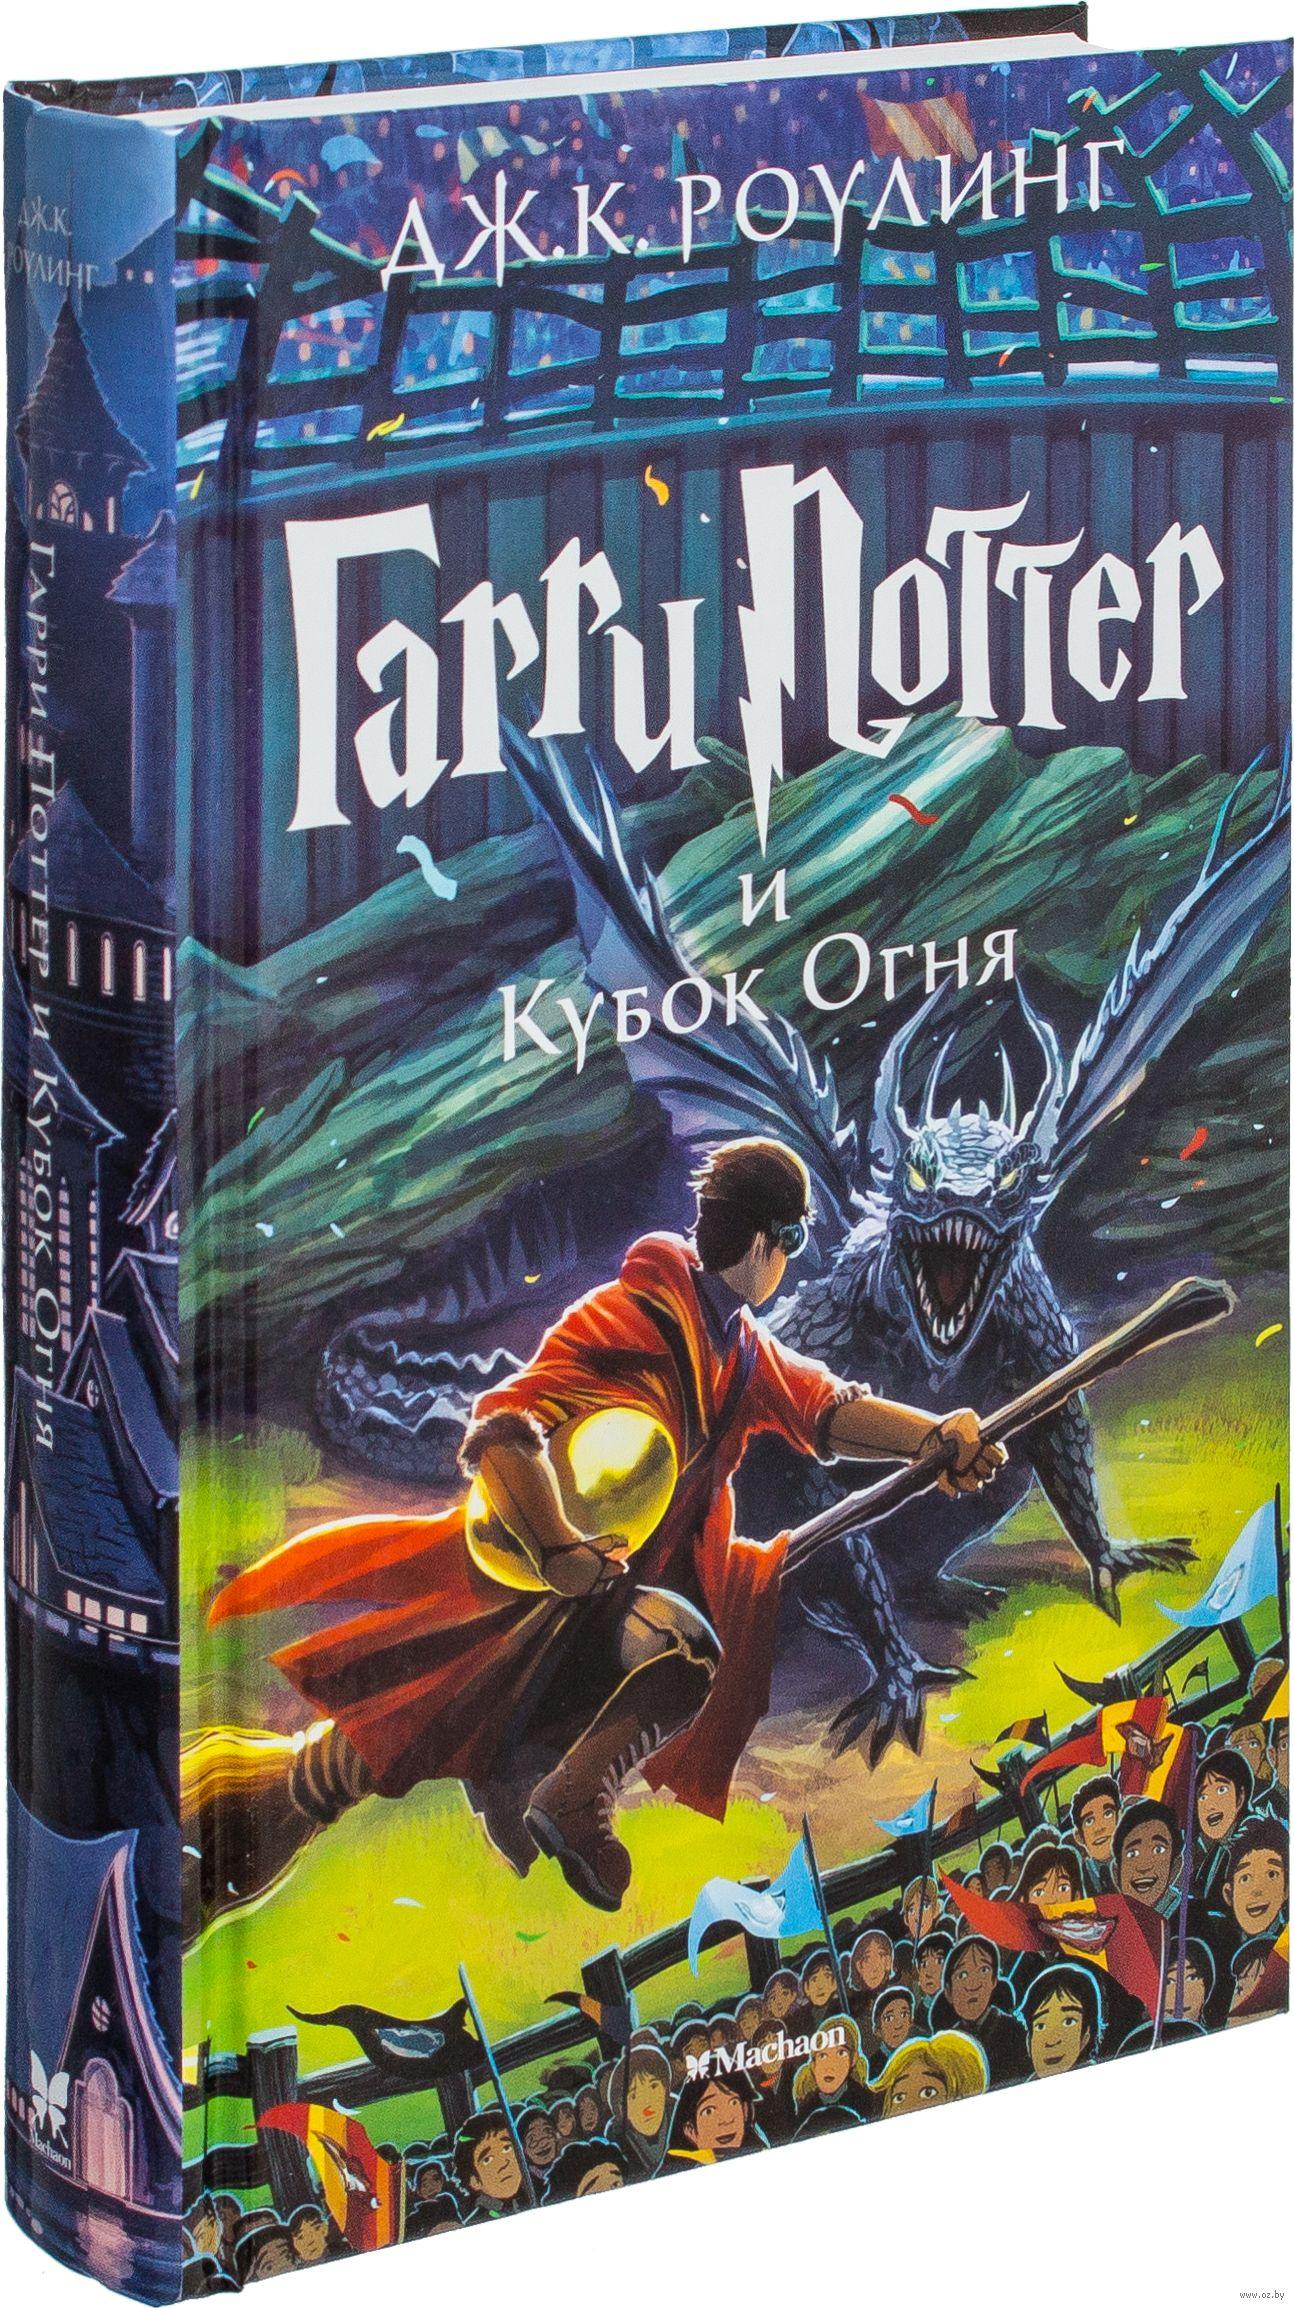 картинки по книге гарри поттер и кубок огня будущего